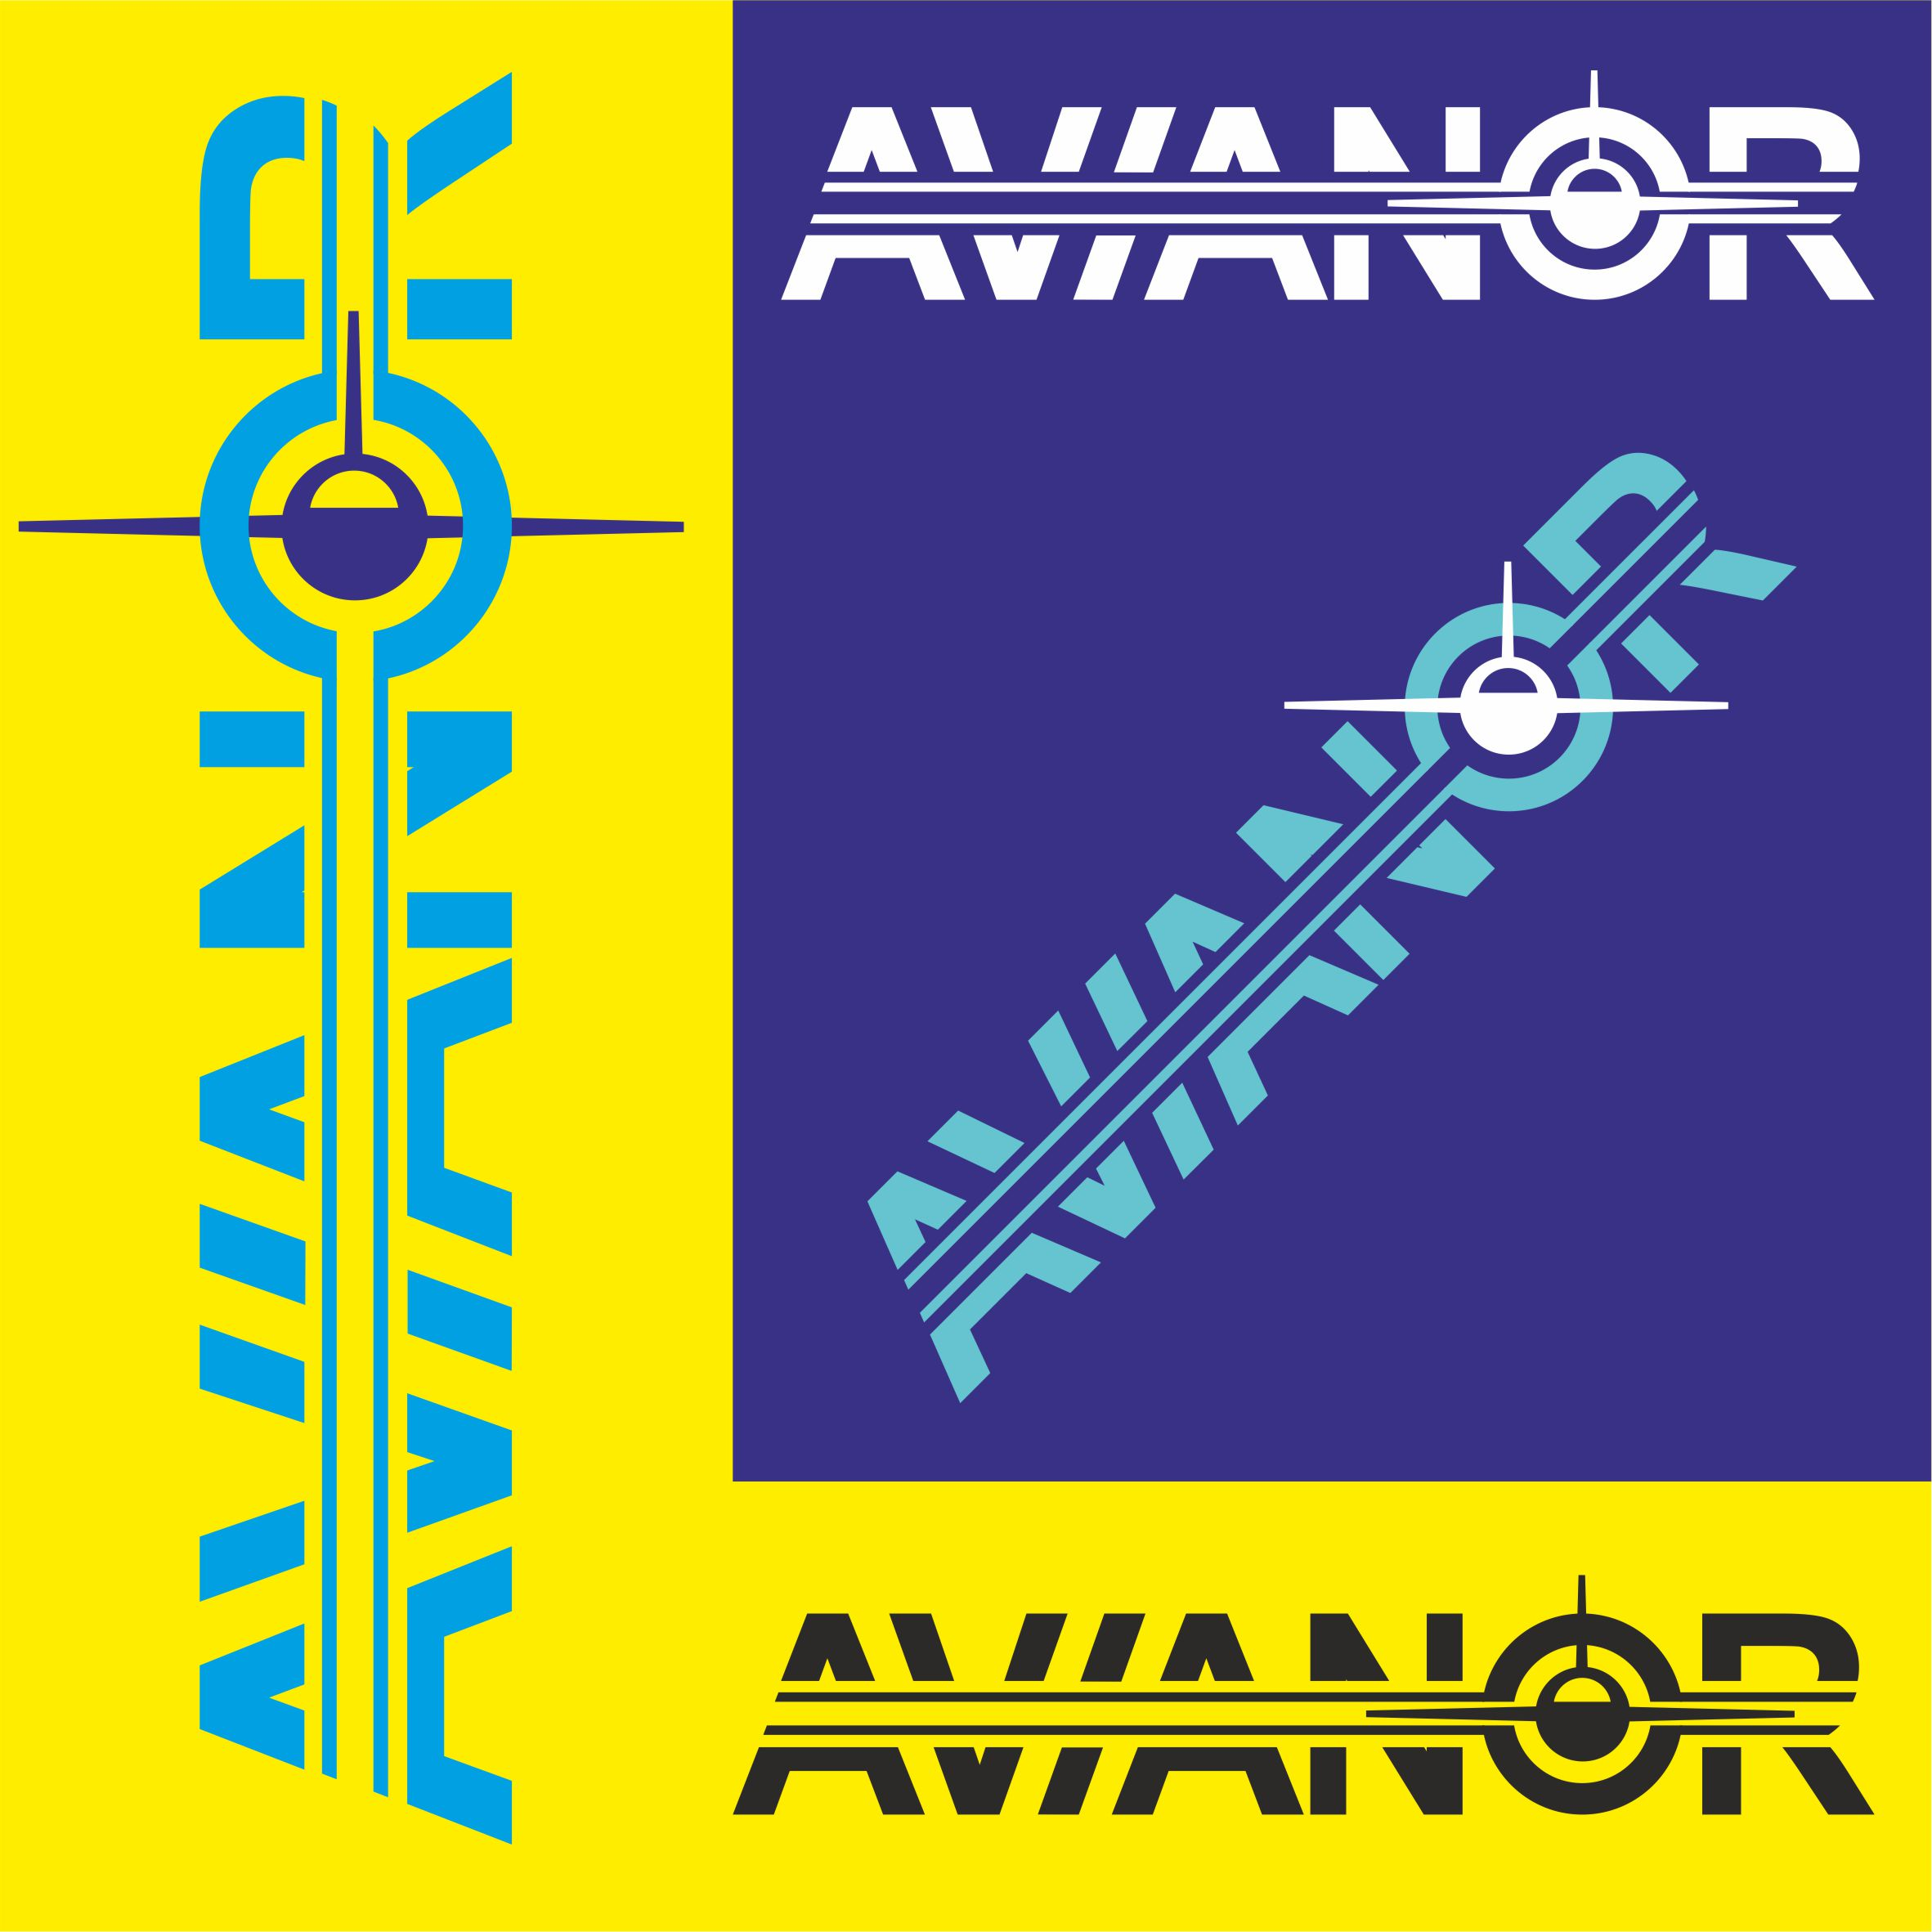 Нужен логотип и фирменный стиль для завода фото f_2845292684b57c67.jpg